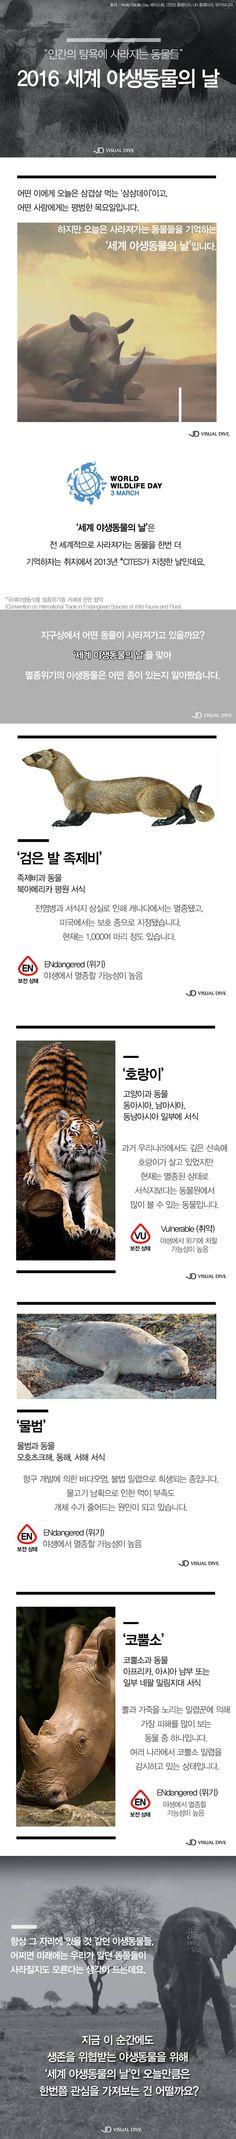 사라져가는 동물을 생각하는 '세계 야생동물의 날' [카드뉴스] #wildlife / #cardnews ⓒ 비주얼다이브 무단 복사·전재·재배포 금지